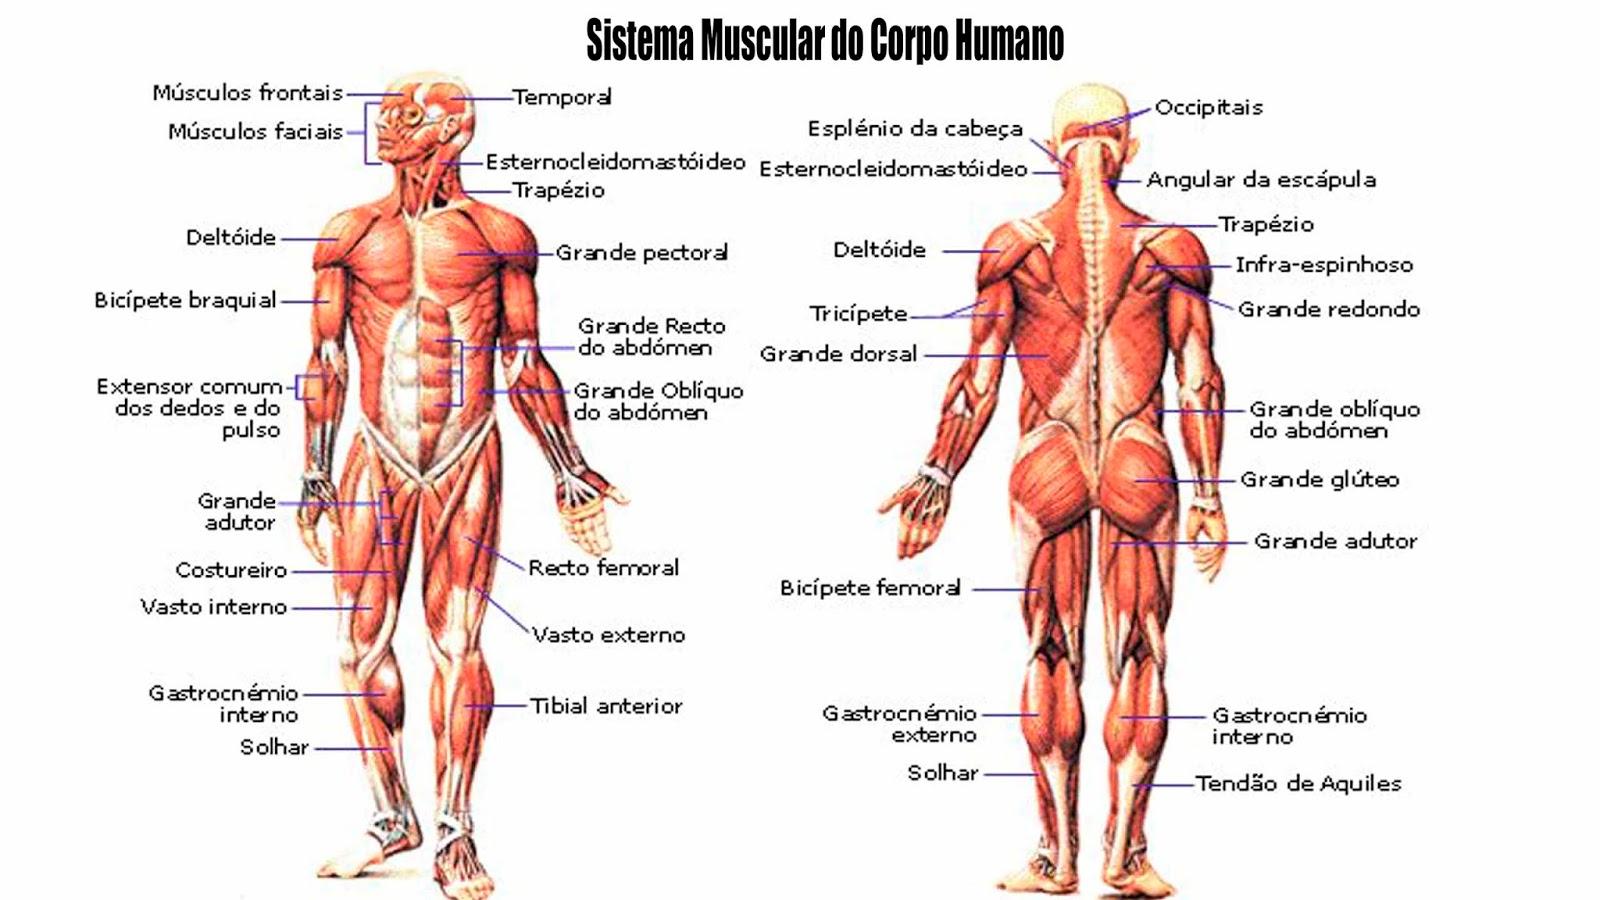 Contemporáneo Gráfico De La Anatomía Muscular Humana Ilustración ...